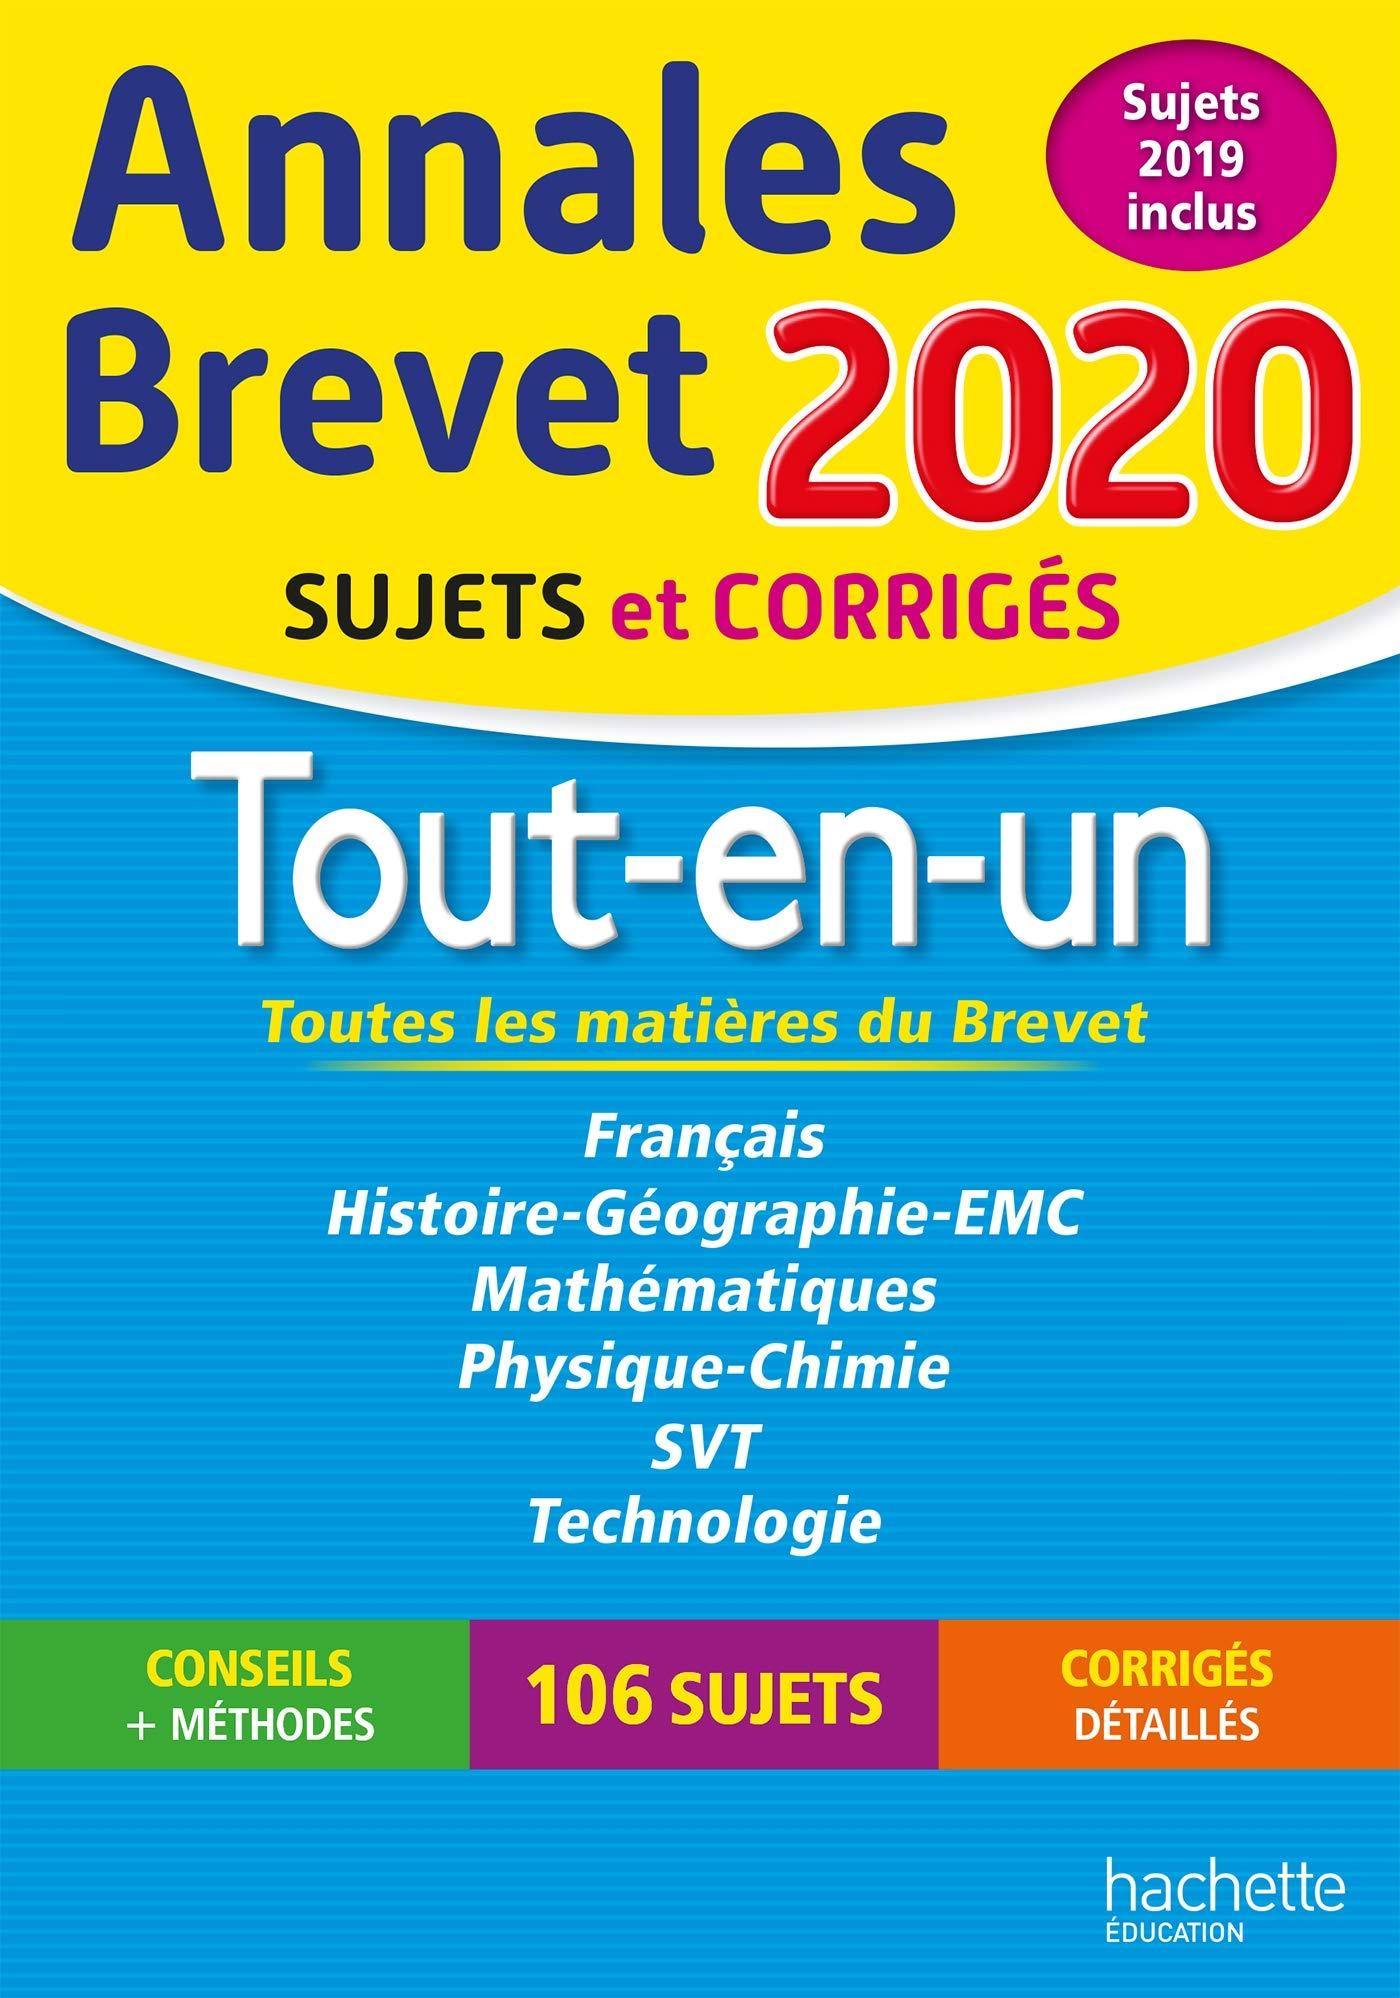 nnales Brevet 2020 Tout-en-Un